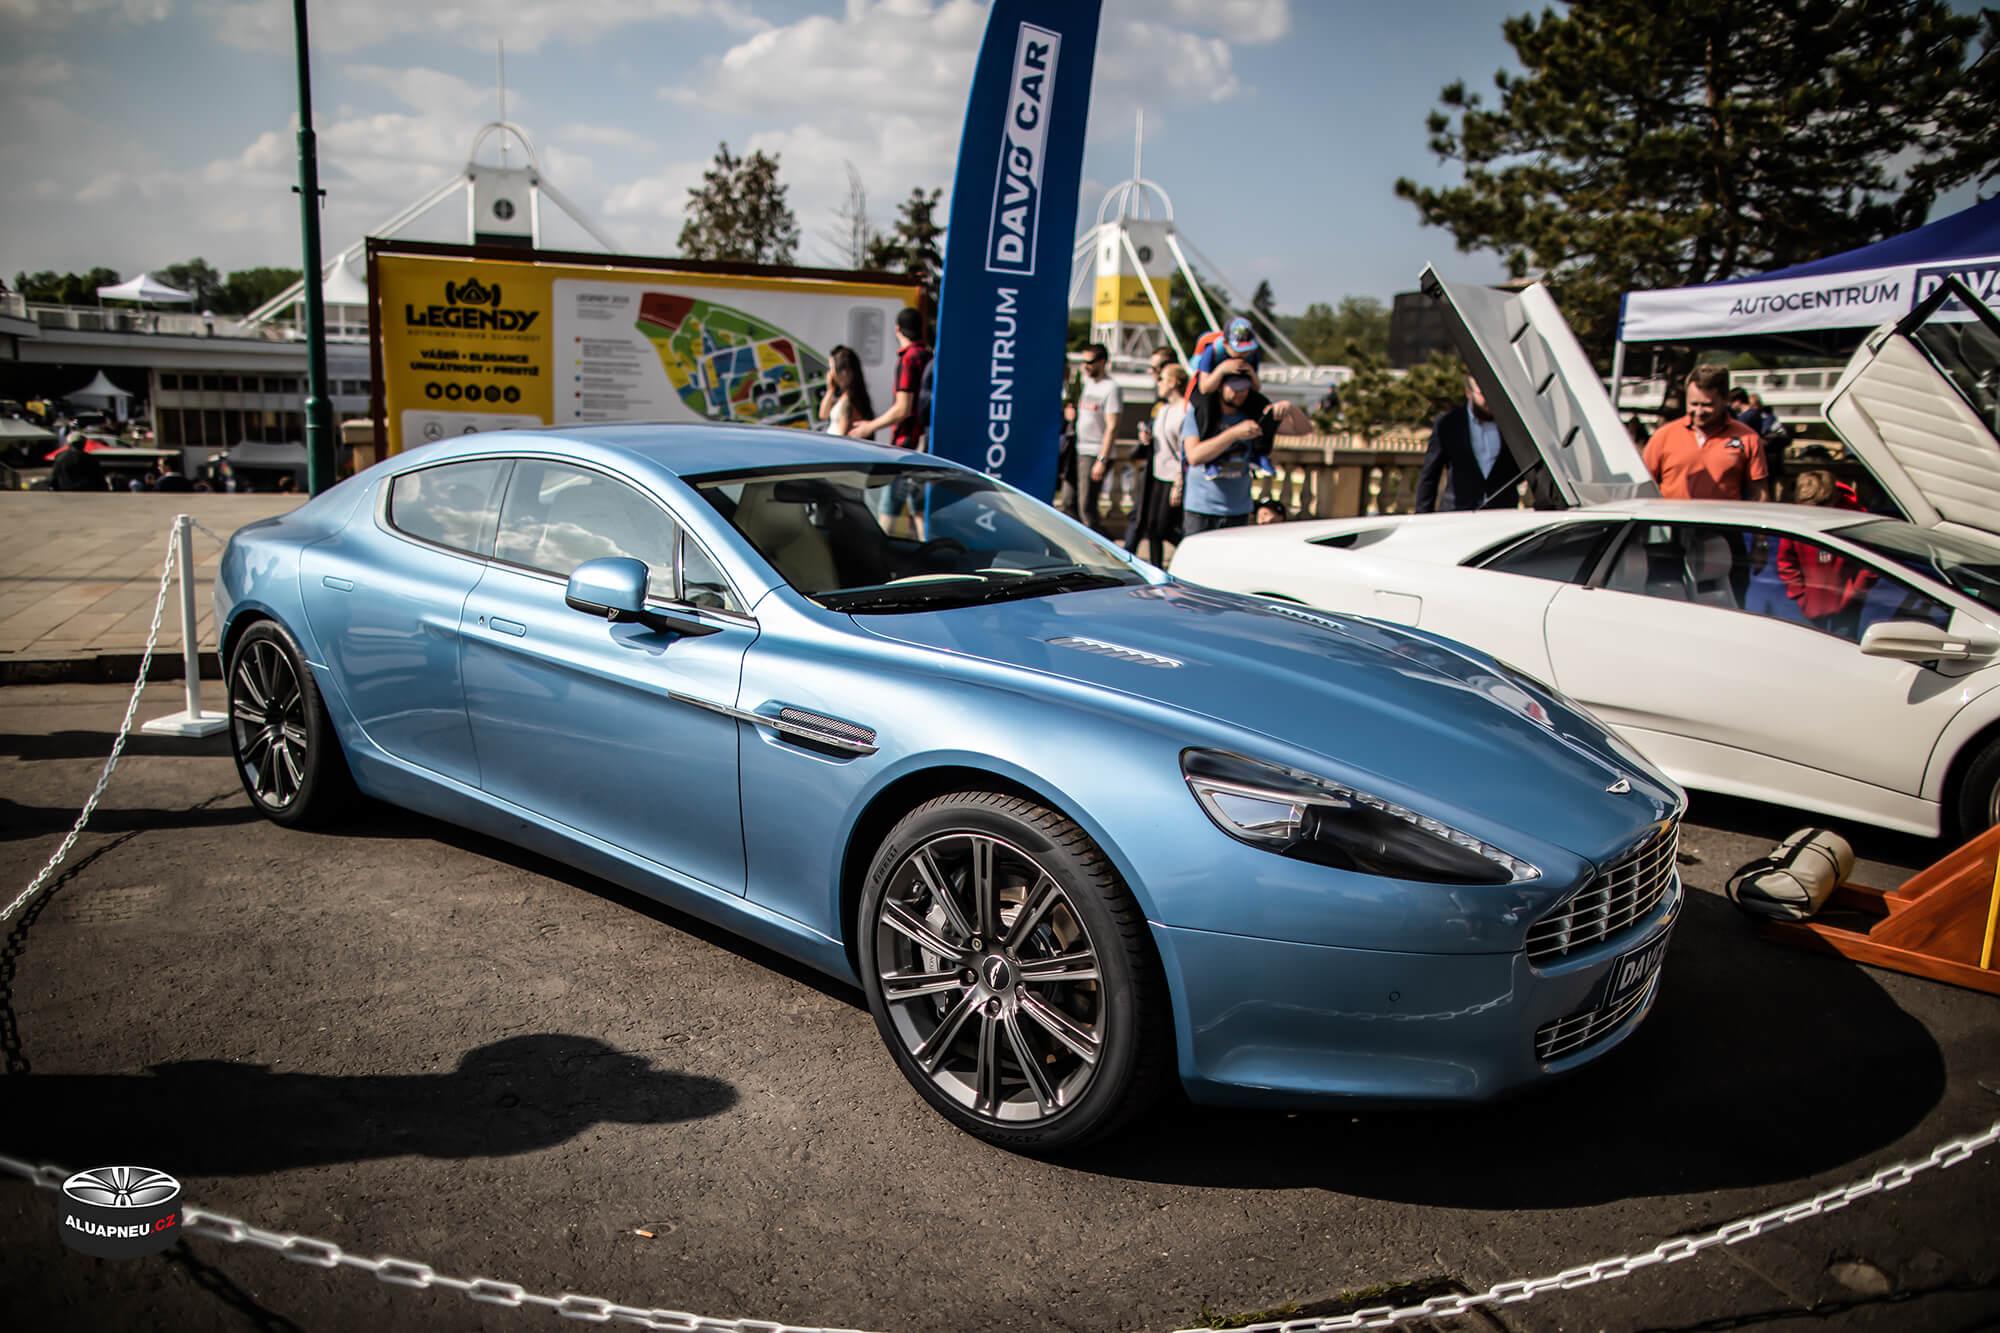 Alu kola Aston Martin - Automobilové Legendy 2019 - www.aluapneu.cz